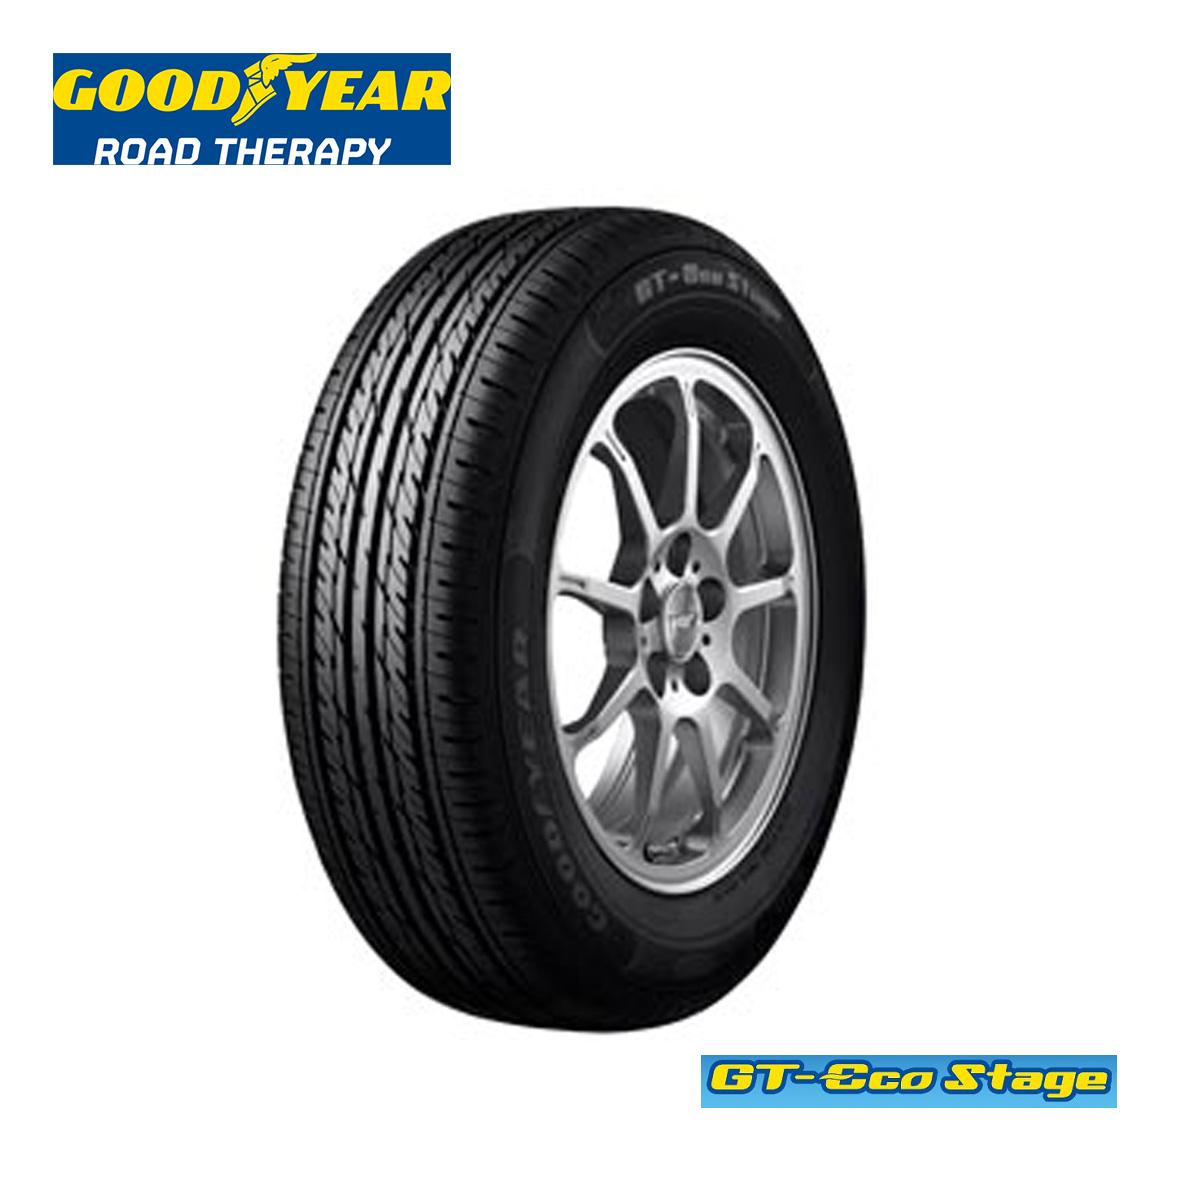 グッドイヤー13インチタイヤ155/65R131556513GT-EcostageGTエコステージサマータイヤ4本Goodyear低燃費夏国産